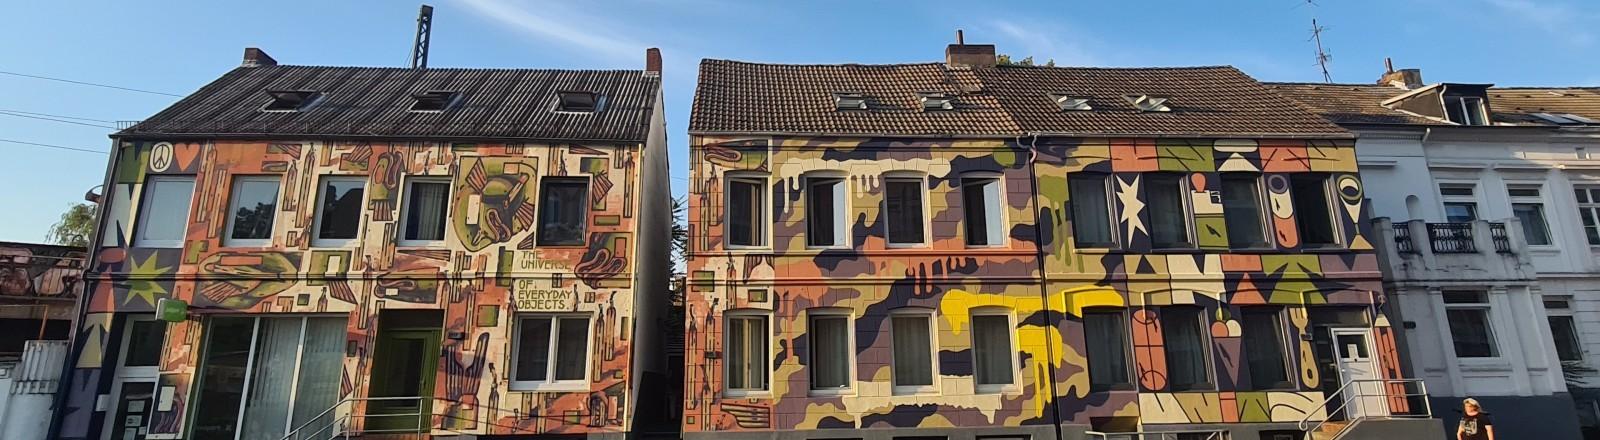 Ein Bild der Fassade des Hostels von Myléne Delattre in Hamburg